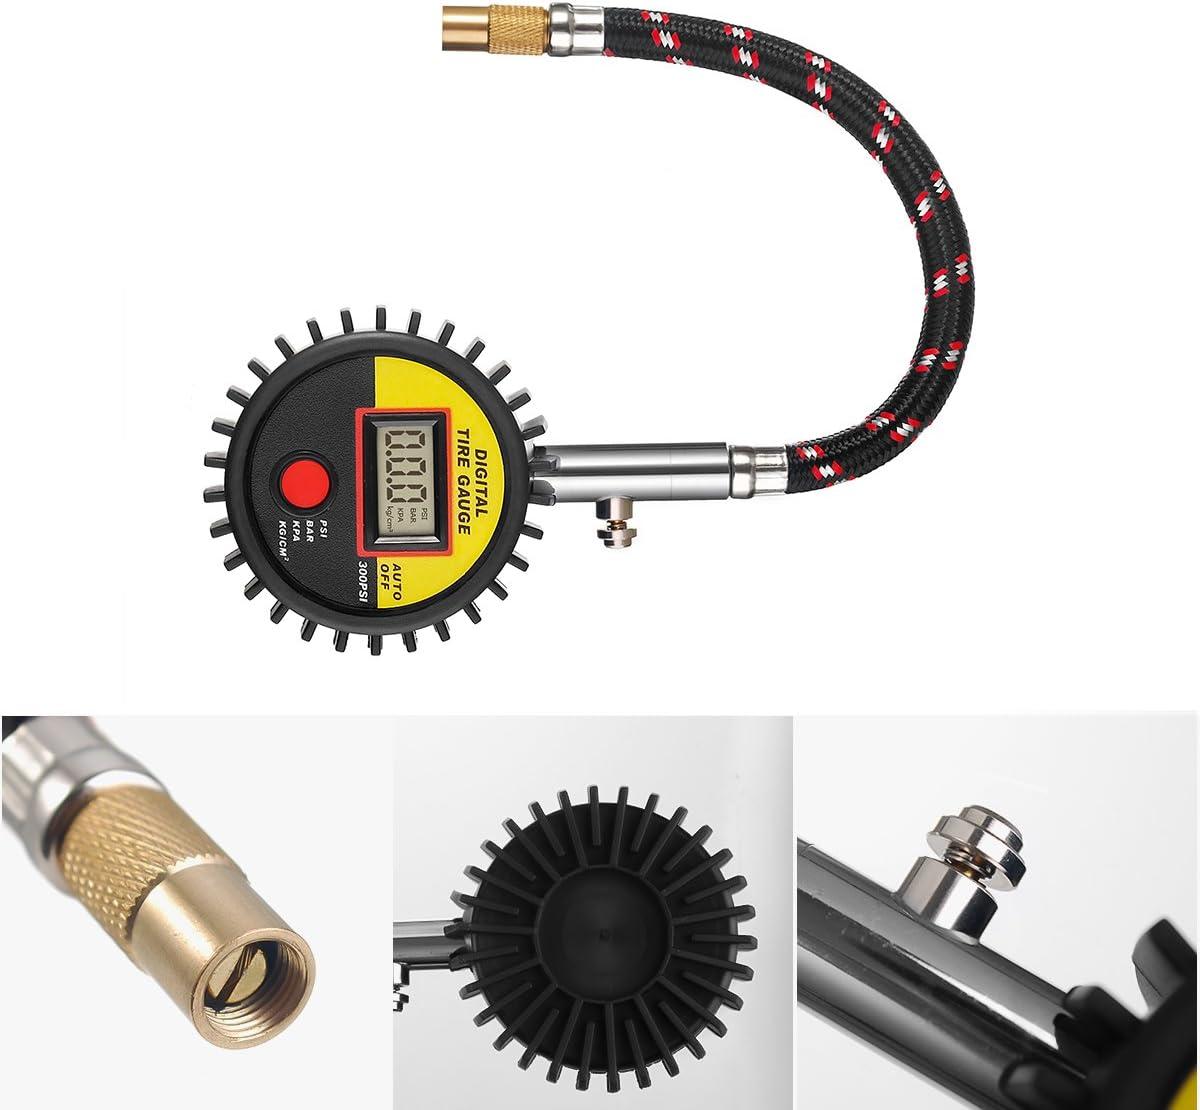 Reifendruckprüfer Jesshiny Digitaler Reifendruckmesser Für Auto 300 Psi Tragbare Präzision Reifendruck Messgerät Mit Hinterleuchtet Lcd Bildschirm Für Auto Motorrad Auto